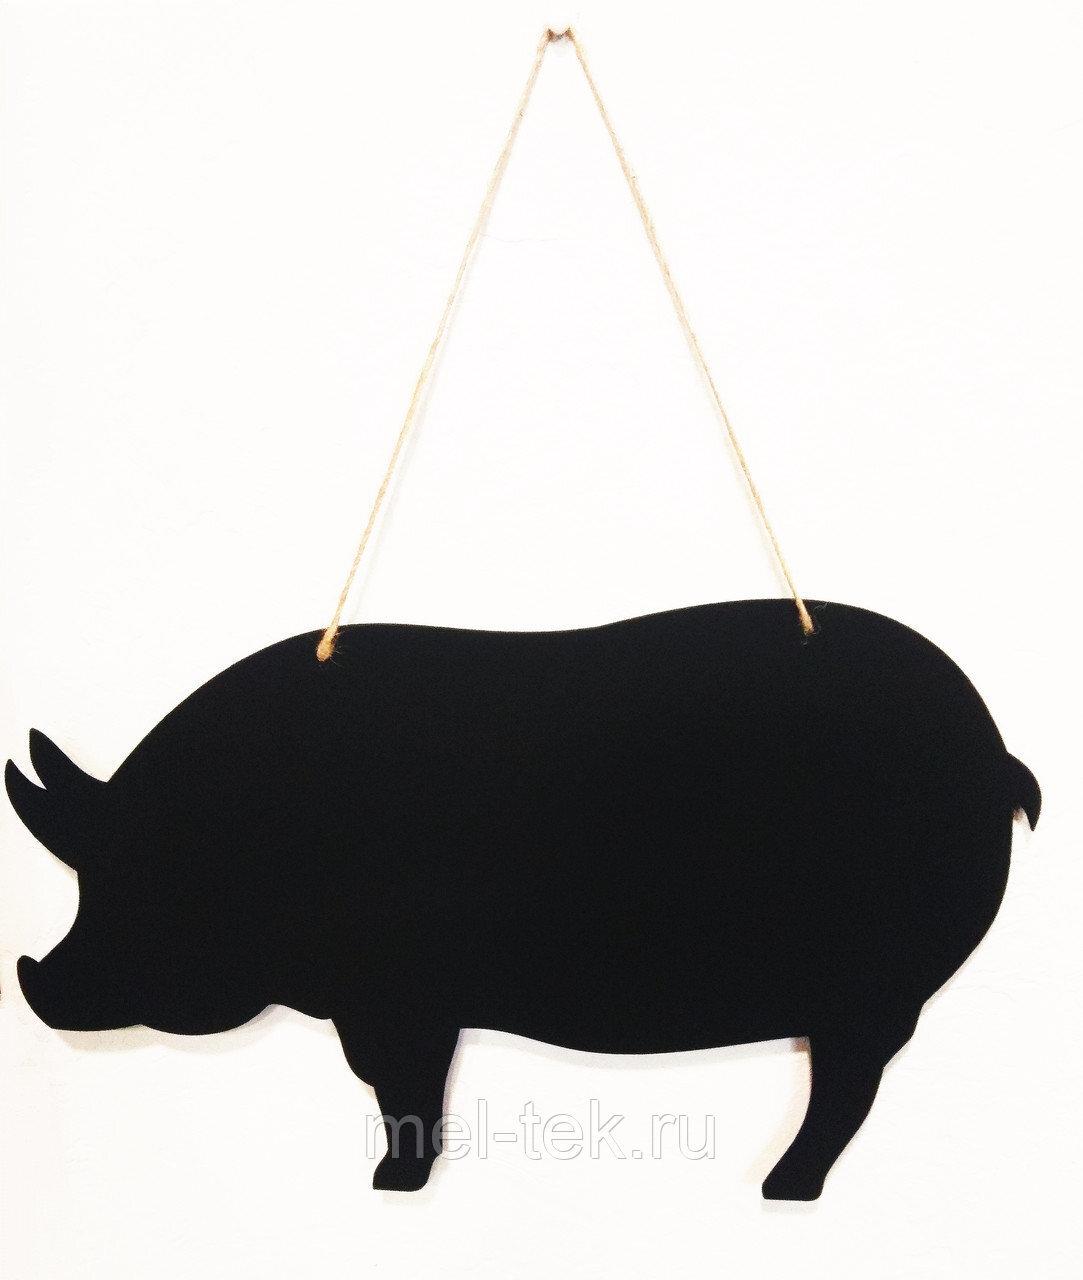 """Табличка для мела двусторонняя на веревке """"Поросенок"""", 28 х 43 см"""